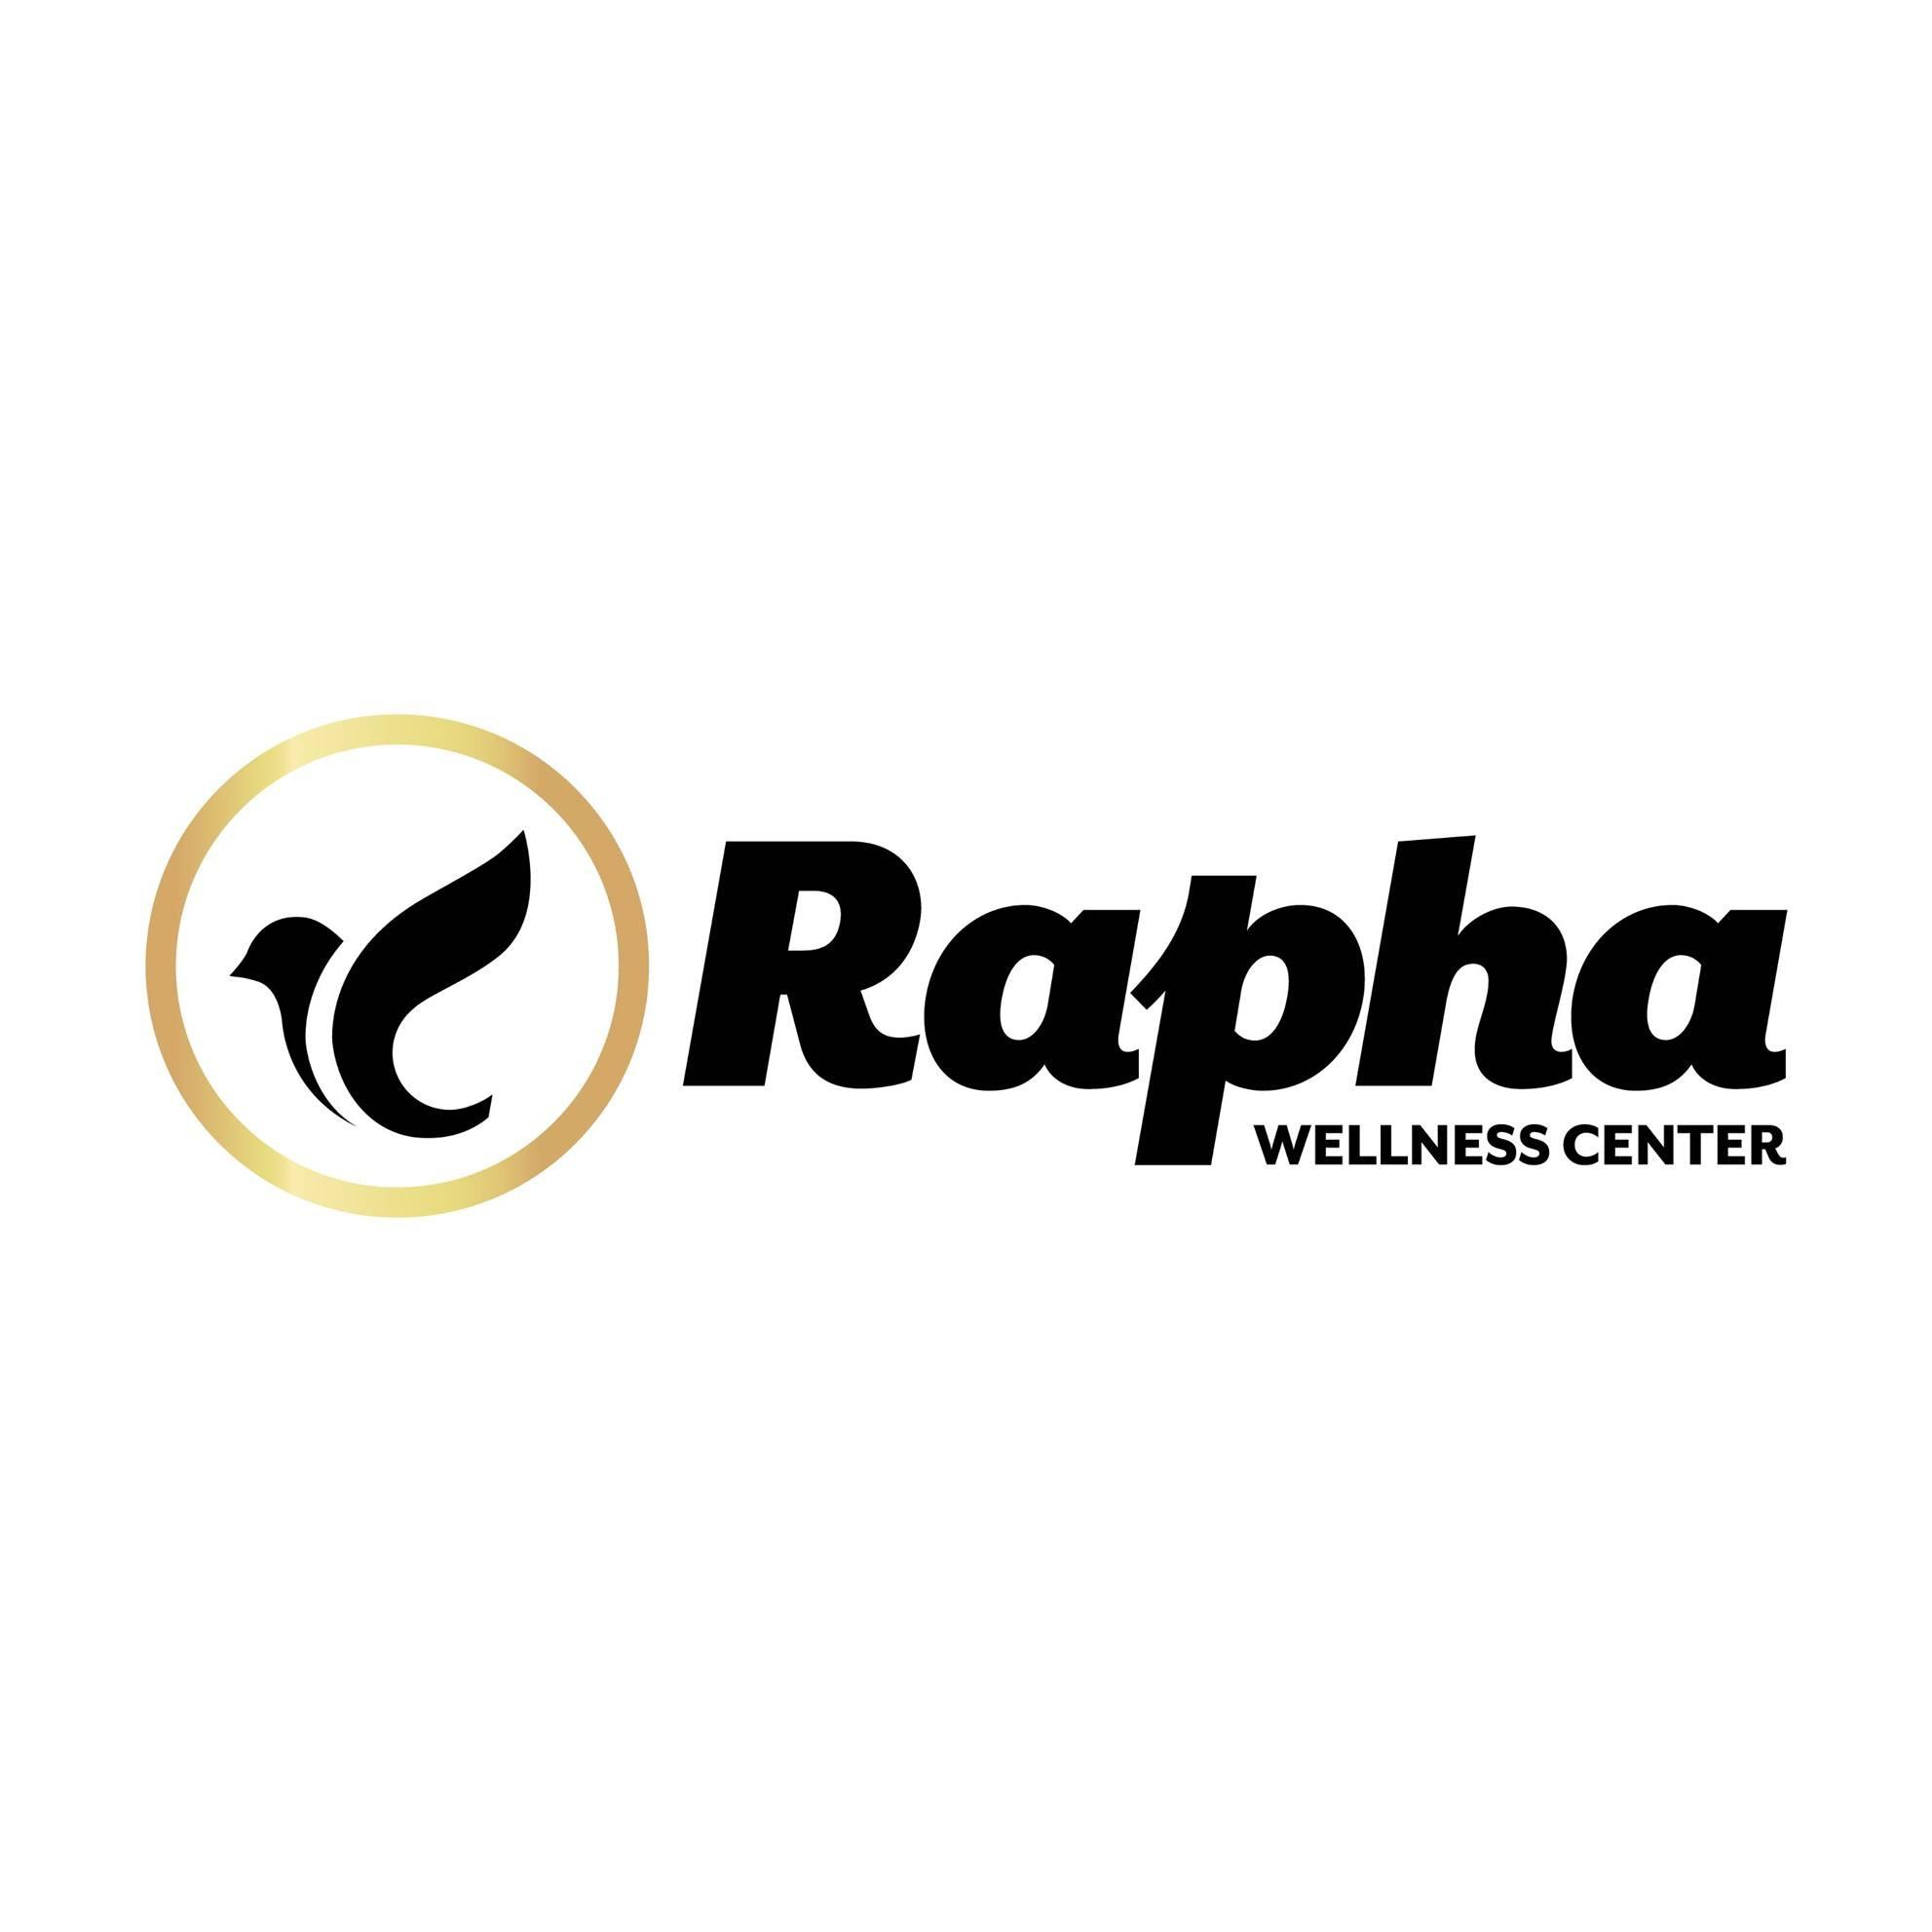 Rapha Wellness Center